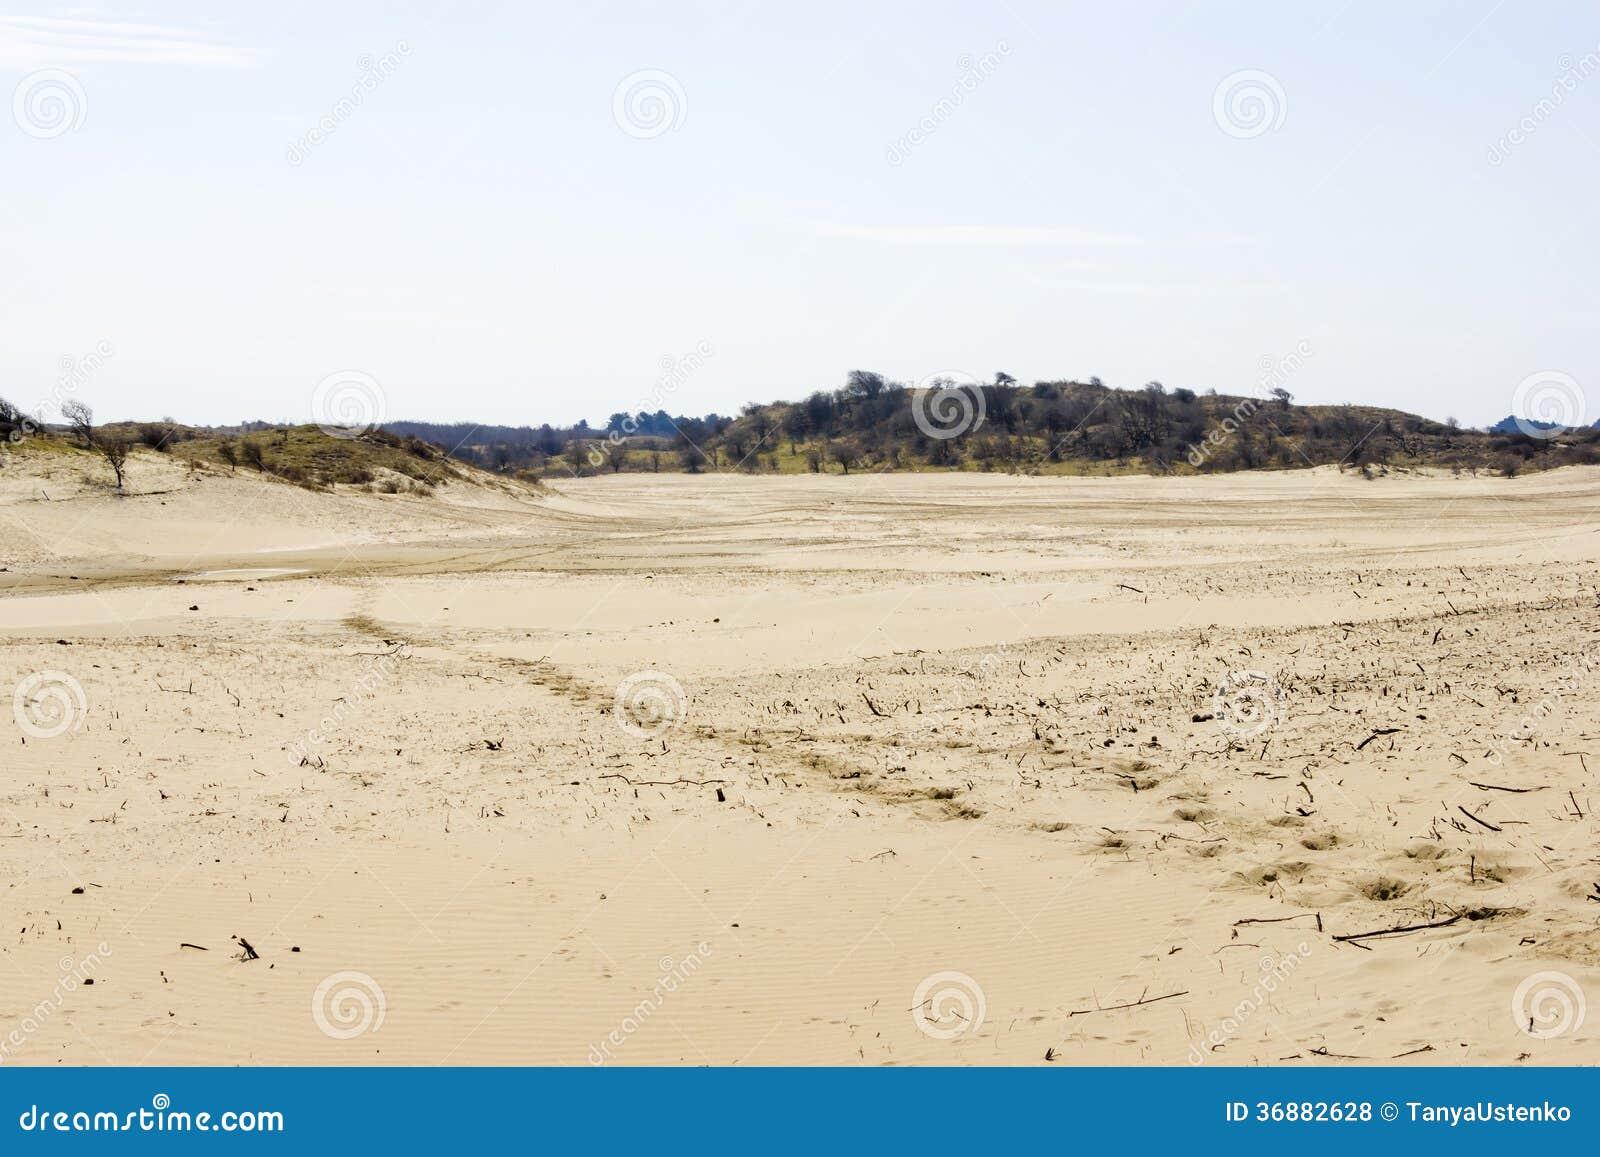 Download Paesaggio della sabbia fotografia stock. Immagine di aperto - 36882628